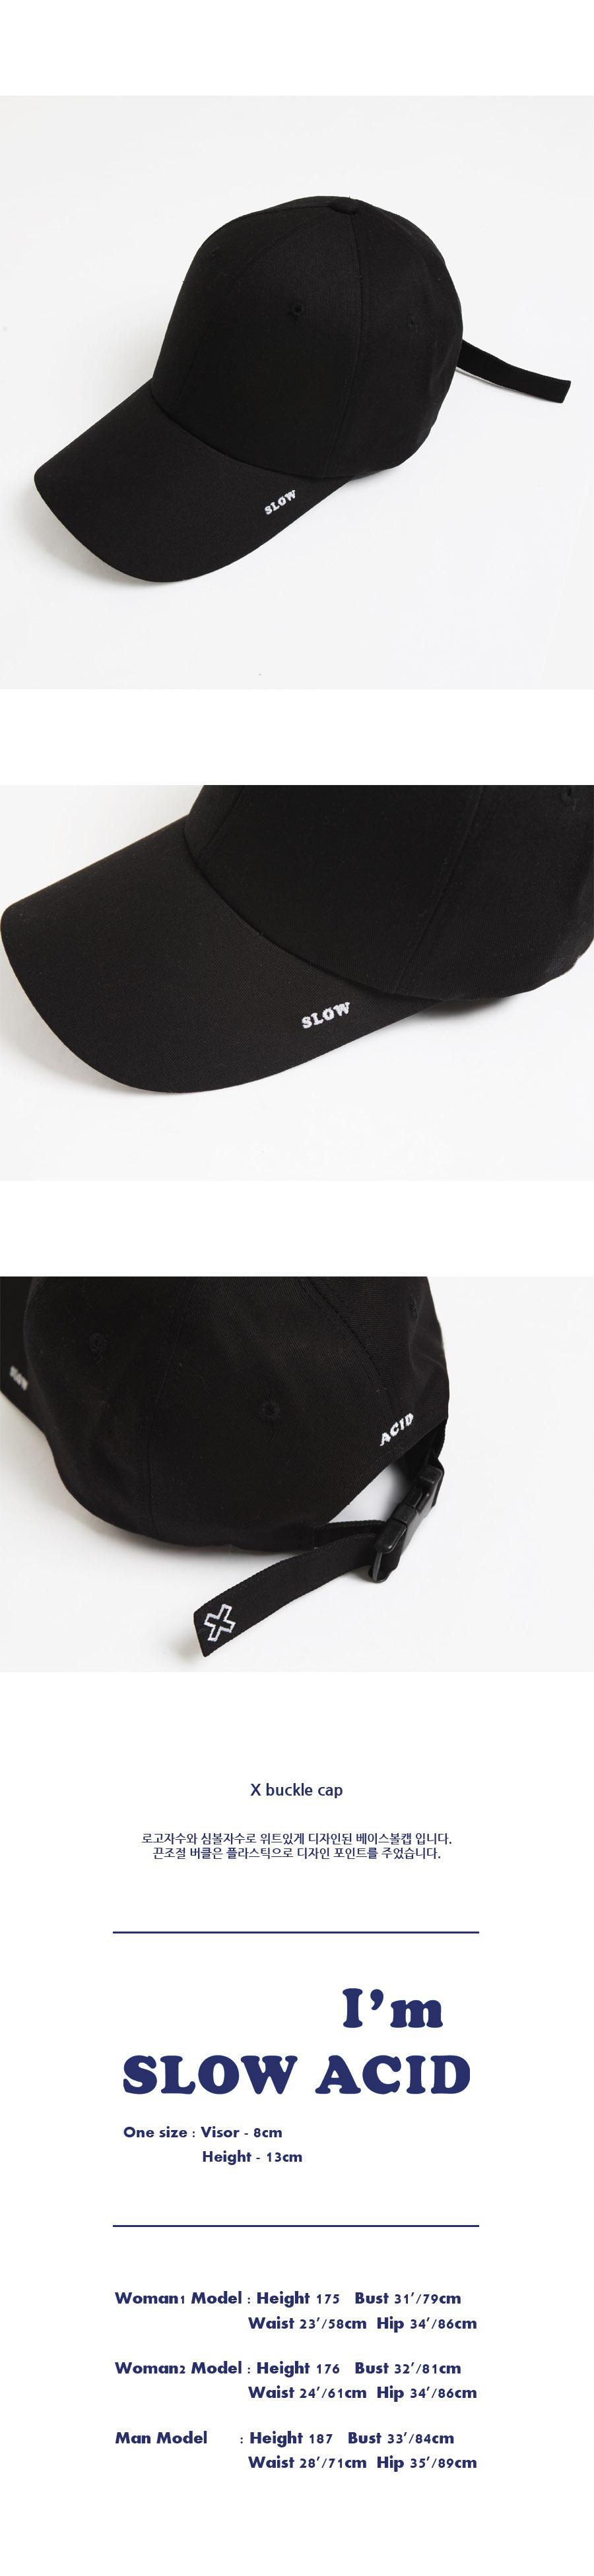 슬로우애시드(SLOW ACID) [UNISEX] X 버클캡 (black)